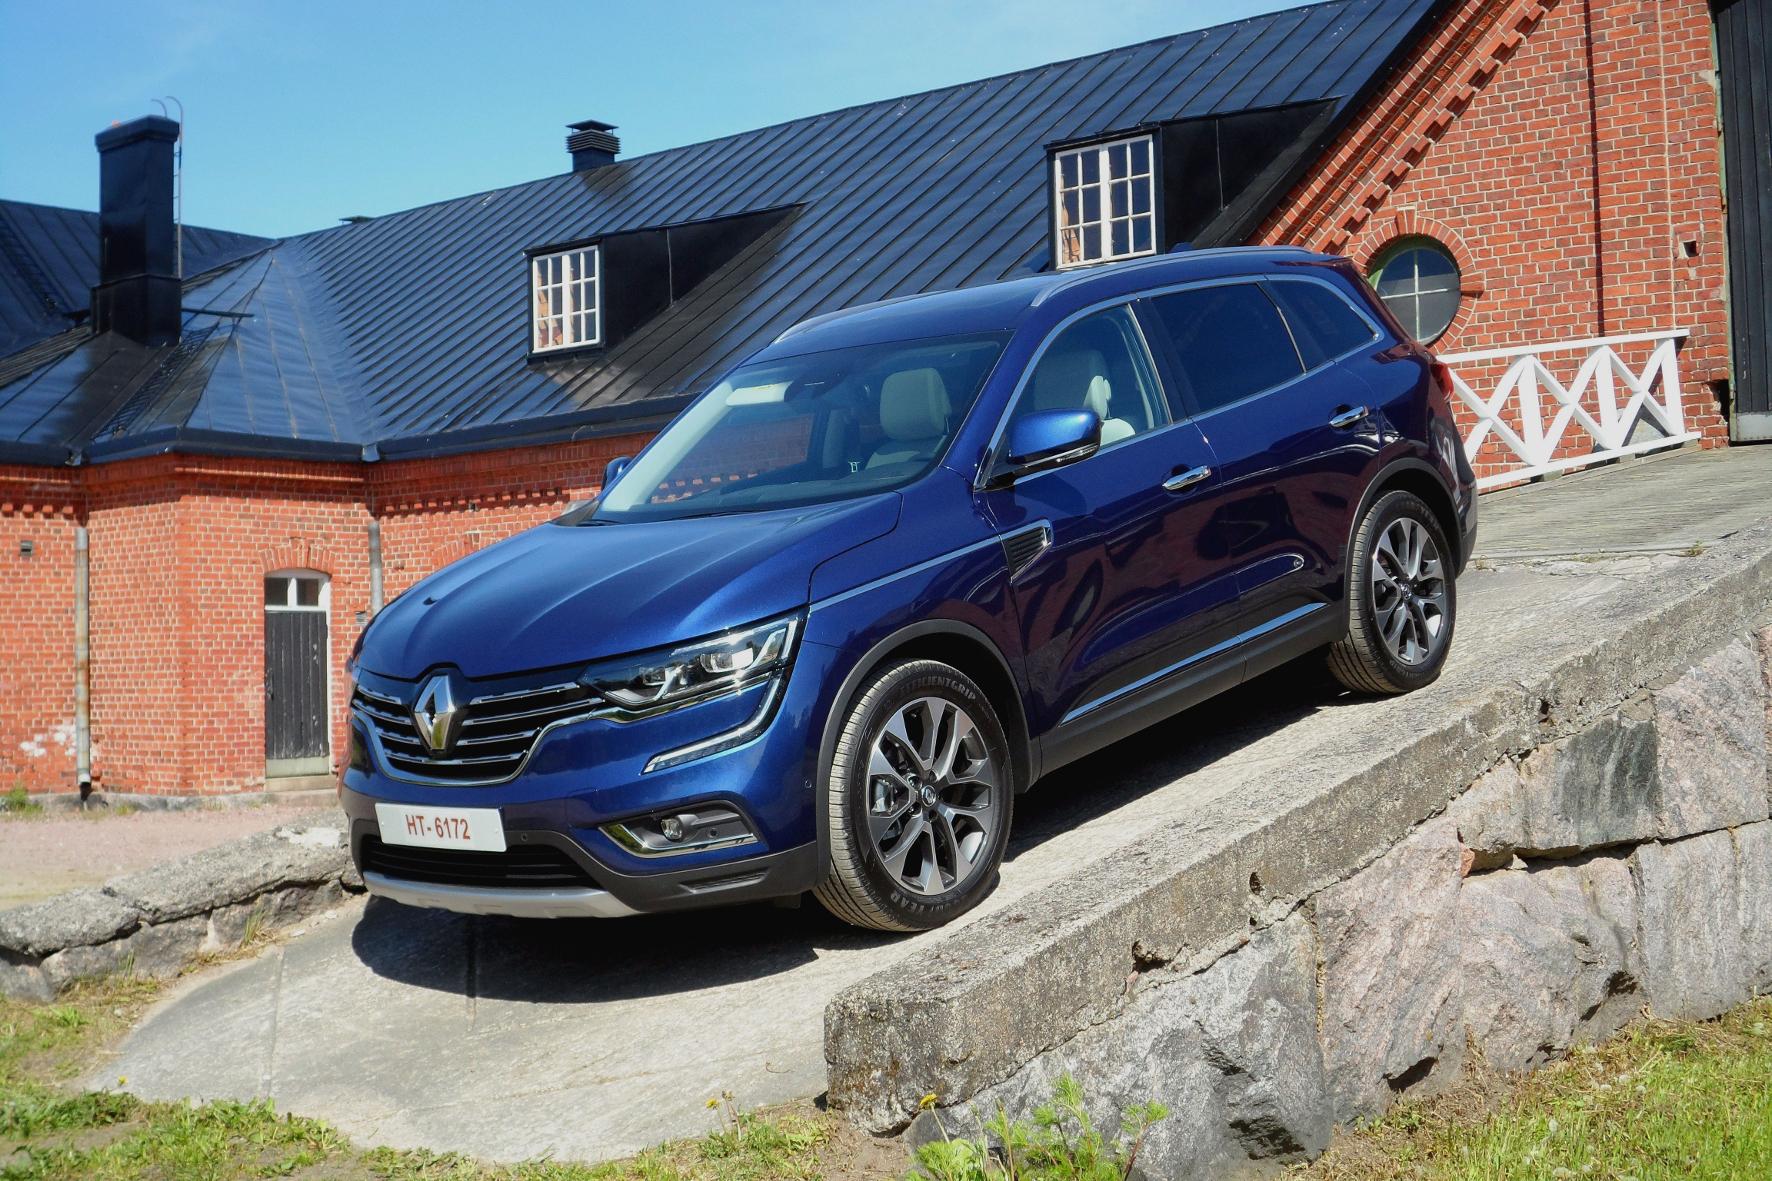 Die zweite Geburt von Renaults Familiengesicht Koleos